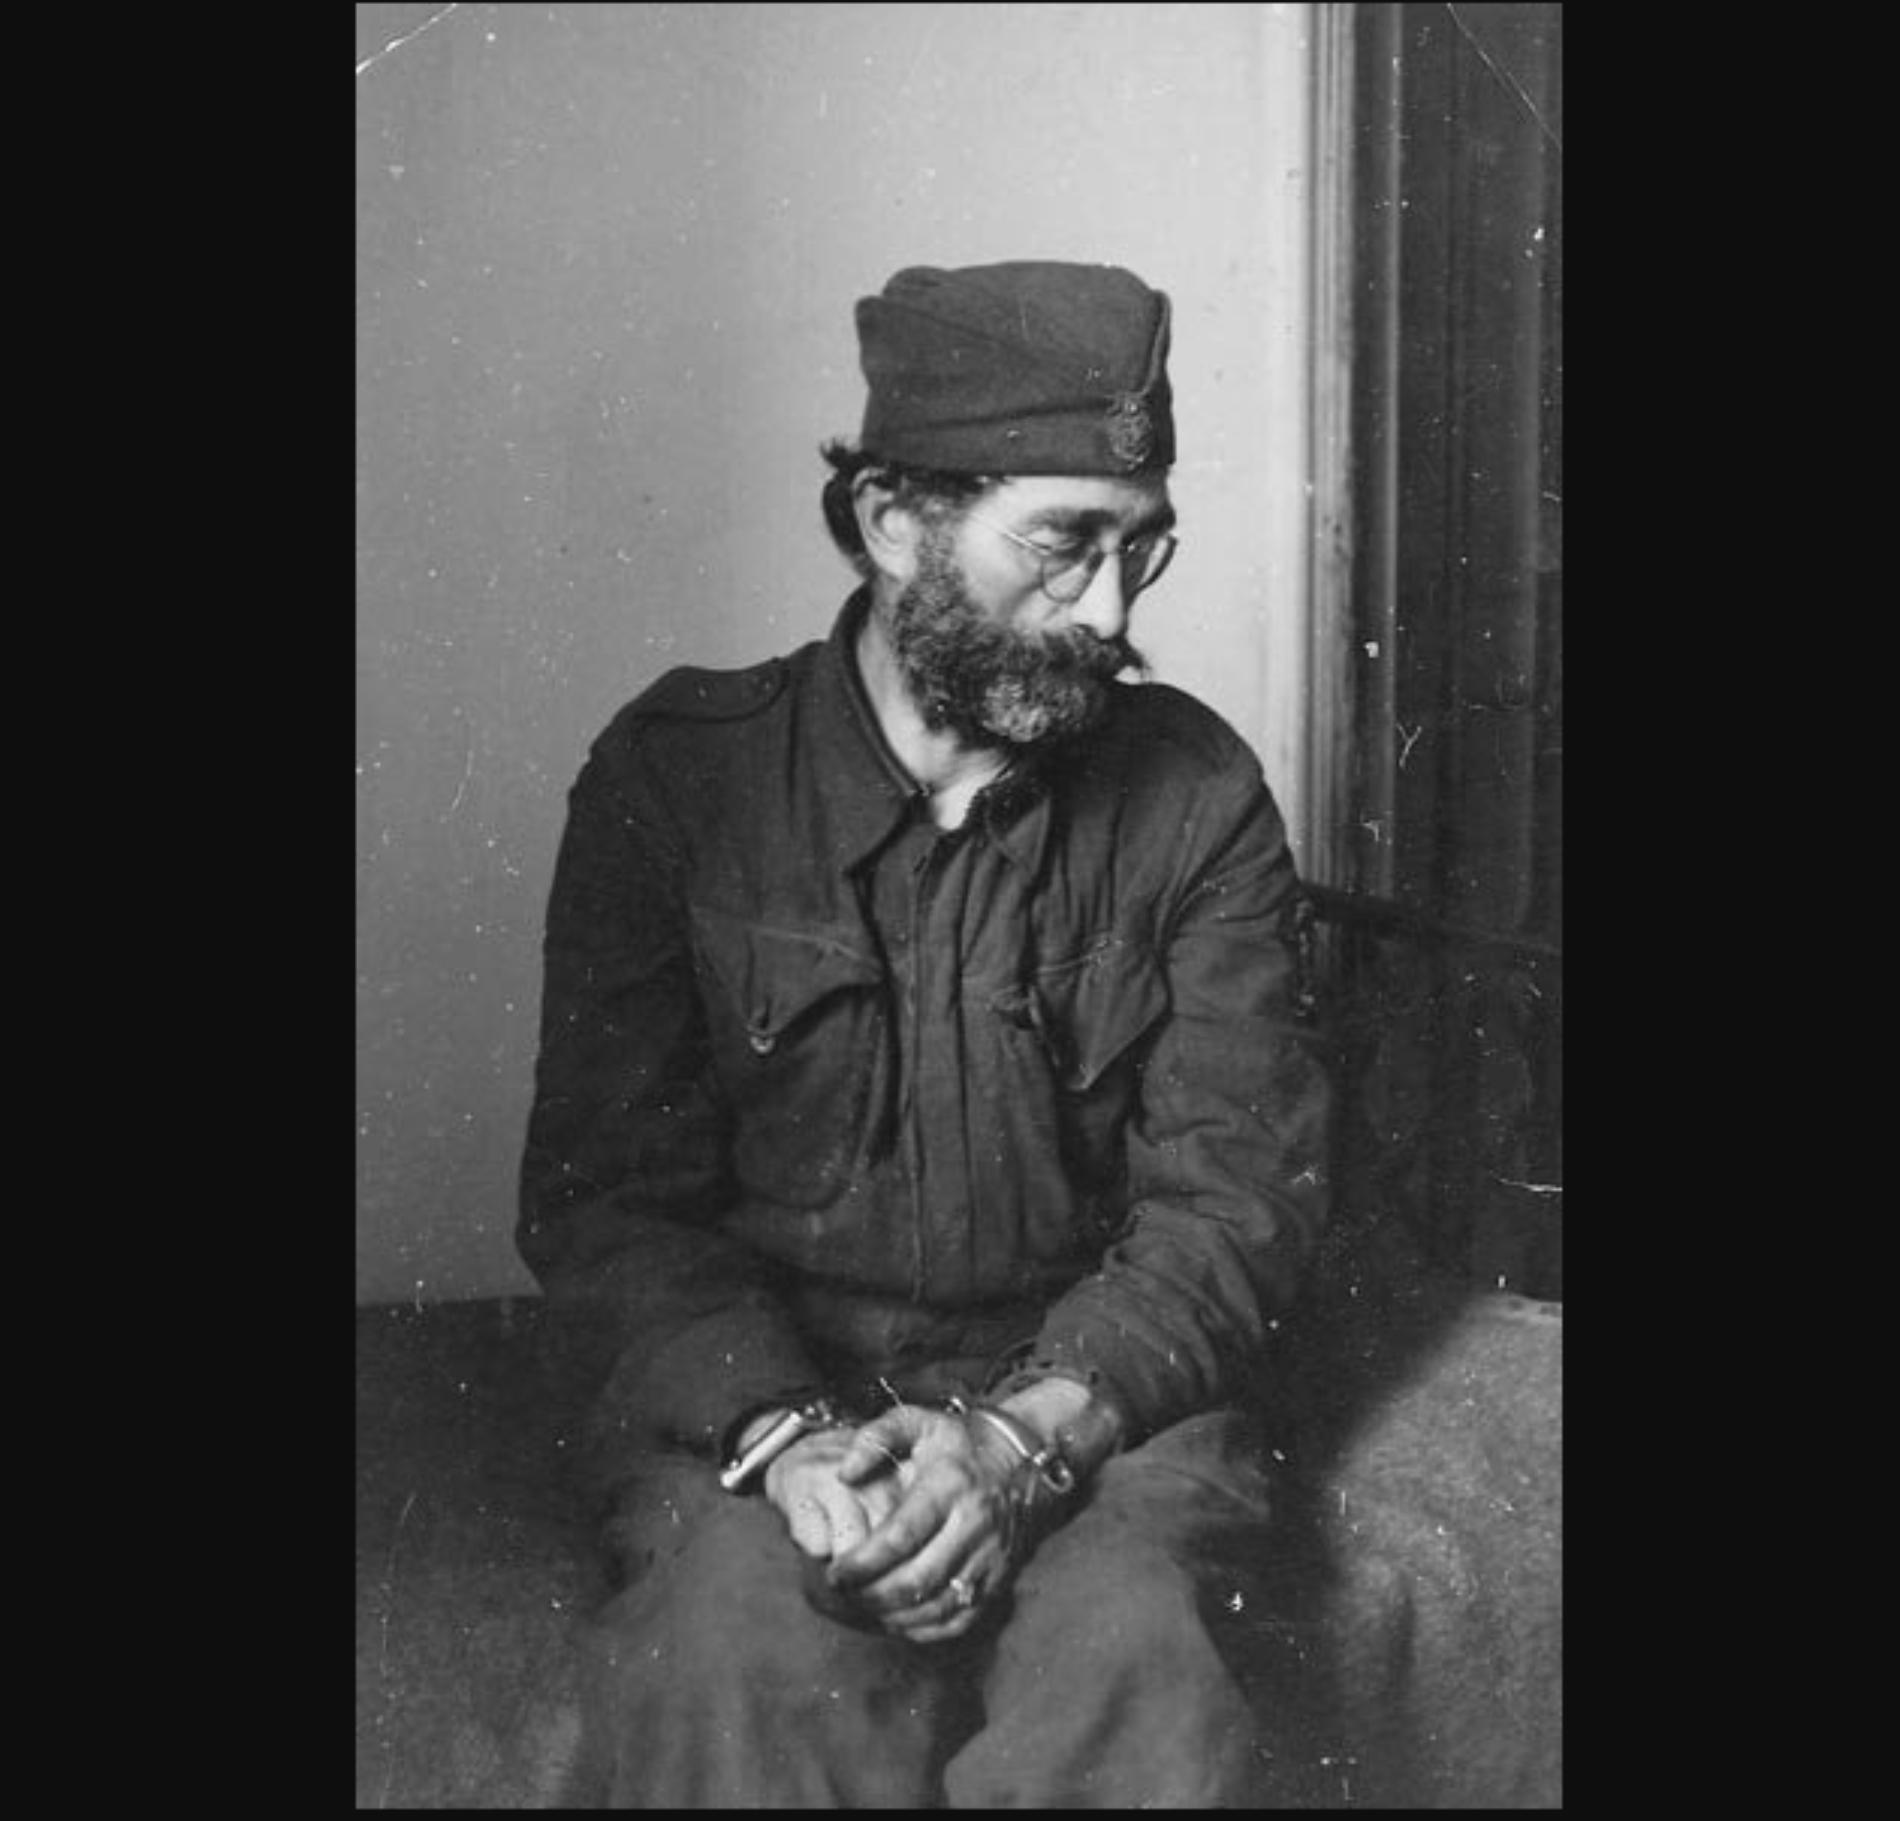 Godišnjica hapšenja četničkog vođe iz Drugog svjetskog rata: Spisak zločina D. Mihailovića